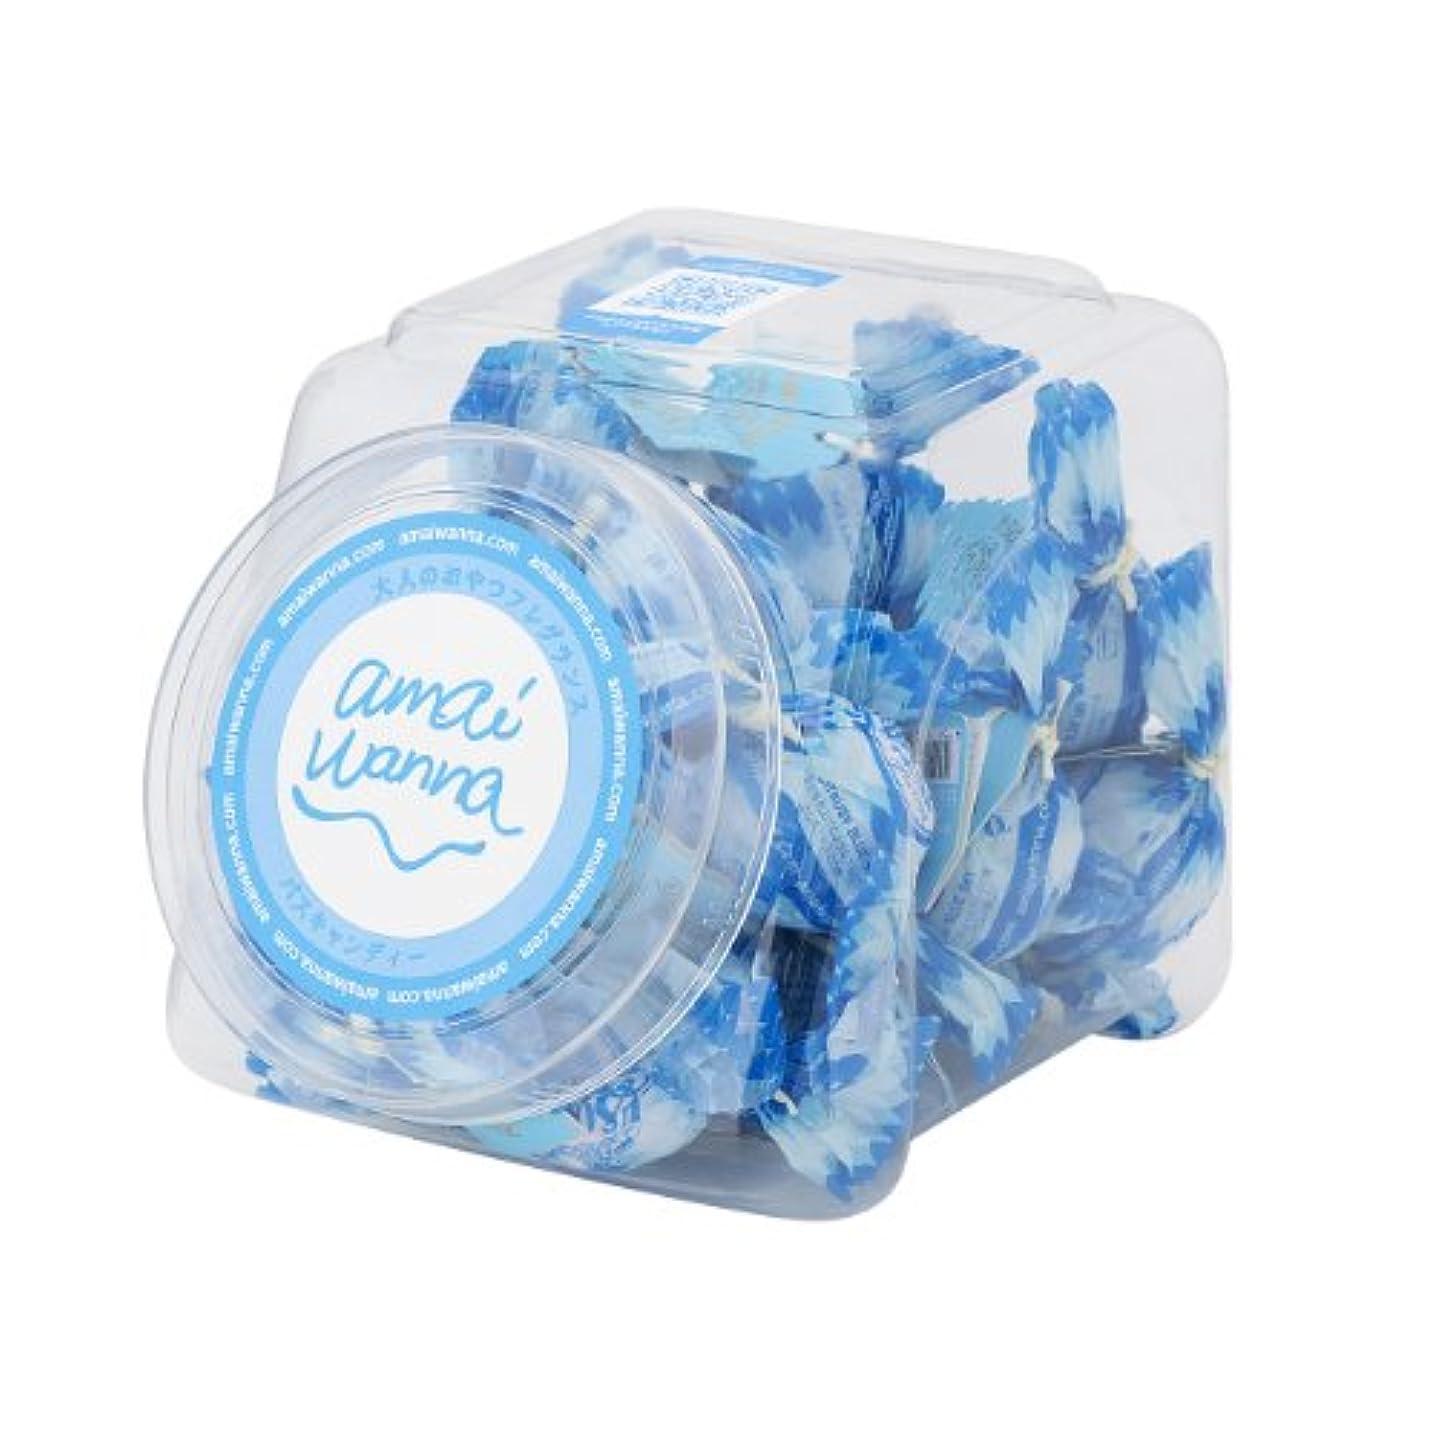 構成員細心の乳アマイワナ バスキャンディーポットセット 青空シトラス